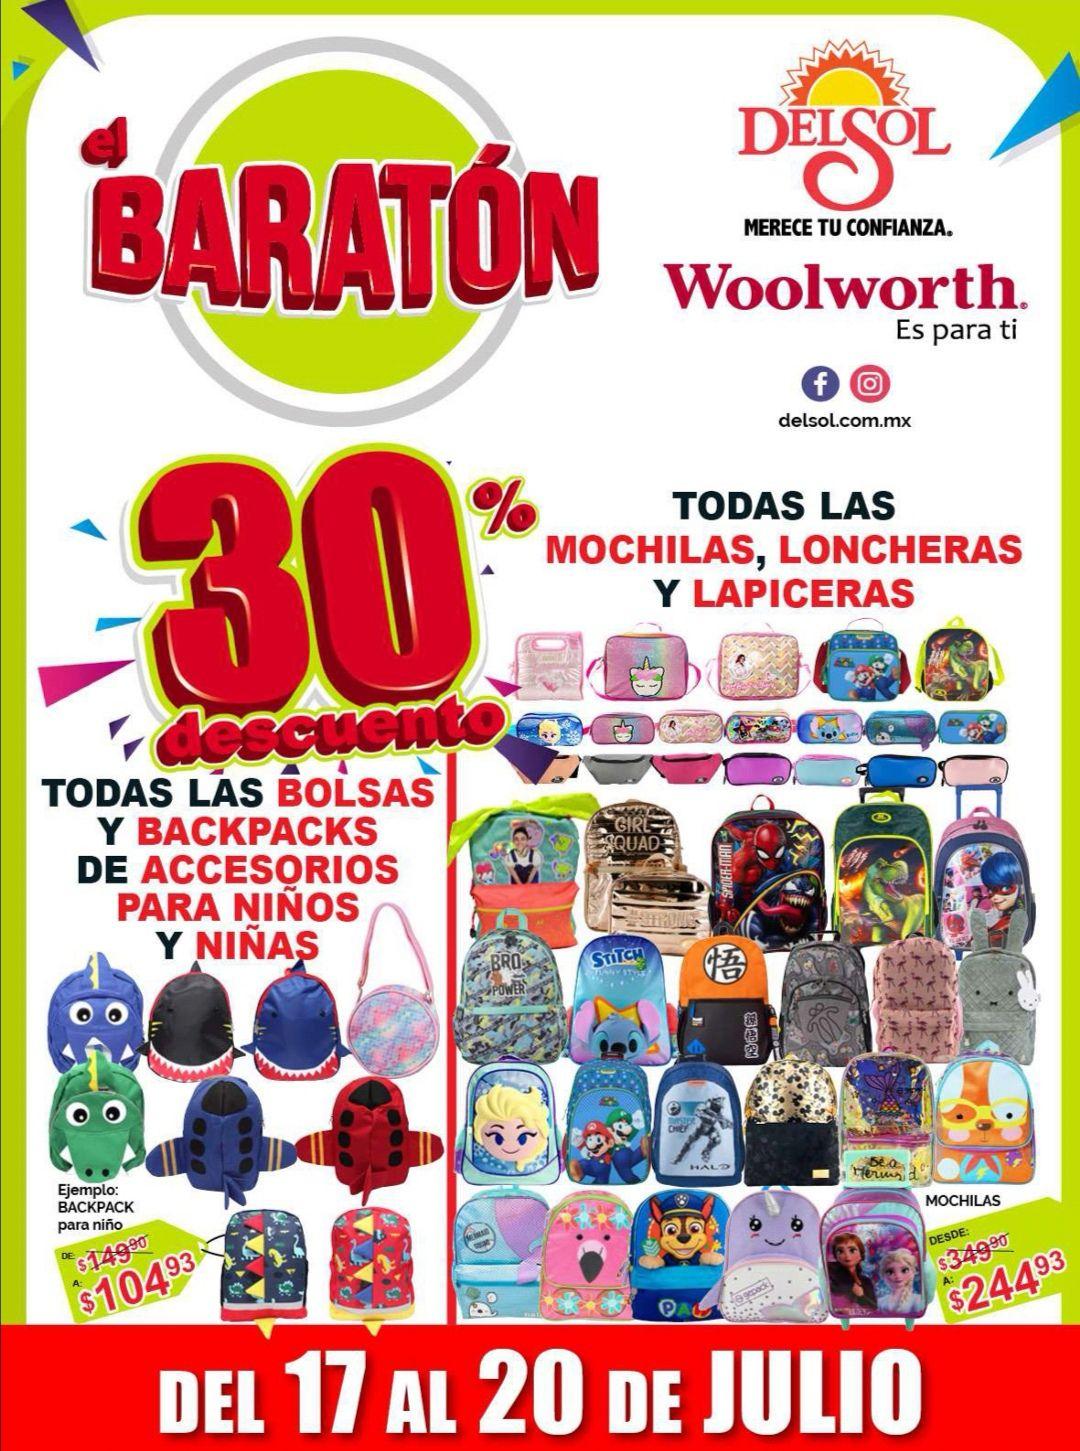 """Woolworth y Del Sol: 4° Folleto de Ofertas """"El Baratón"""" del Viernes 17 al Lunes 20 de Julio"""